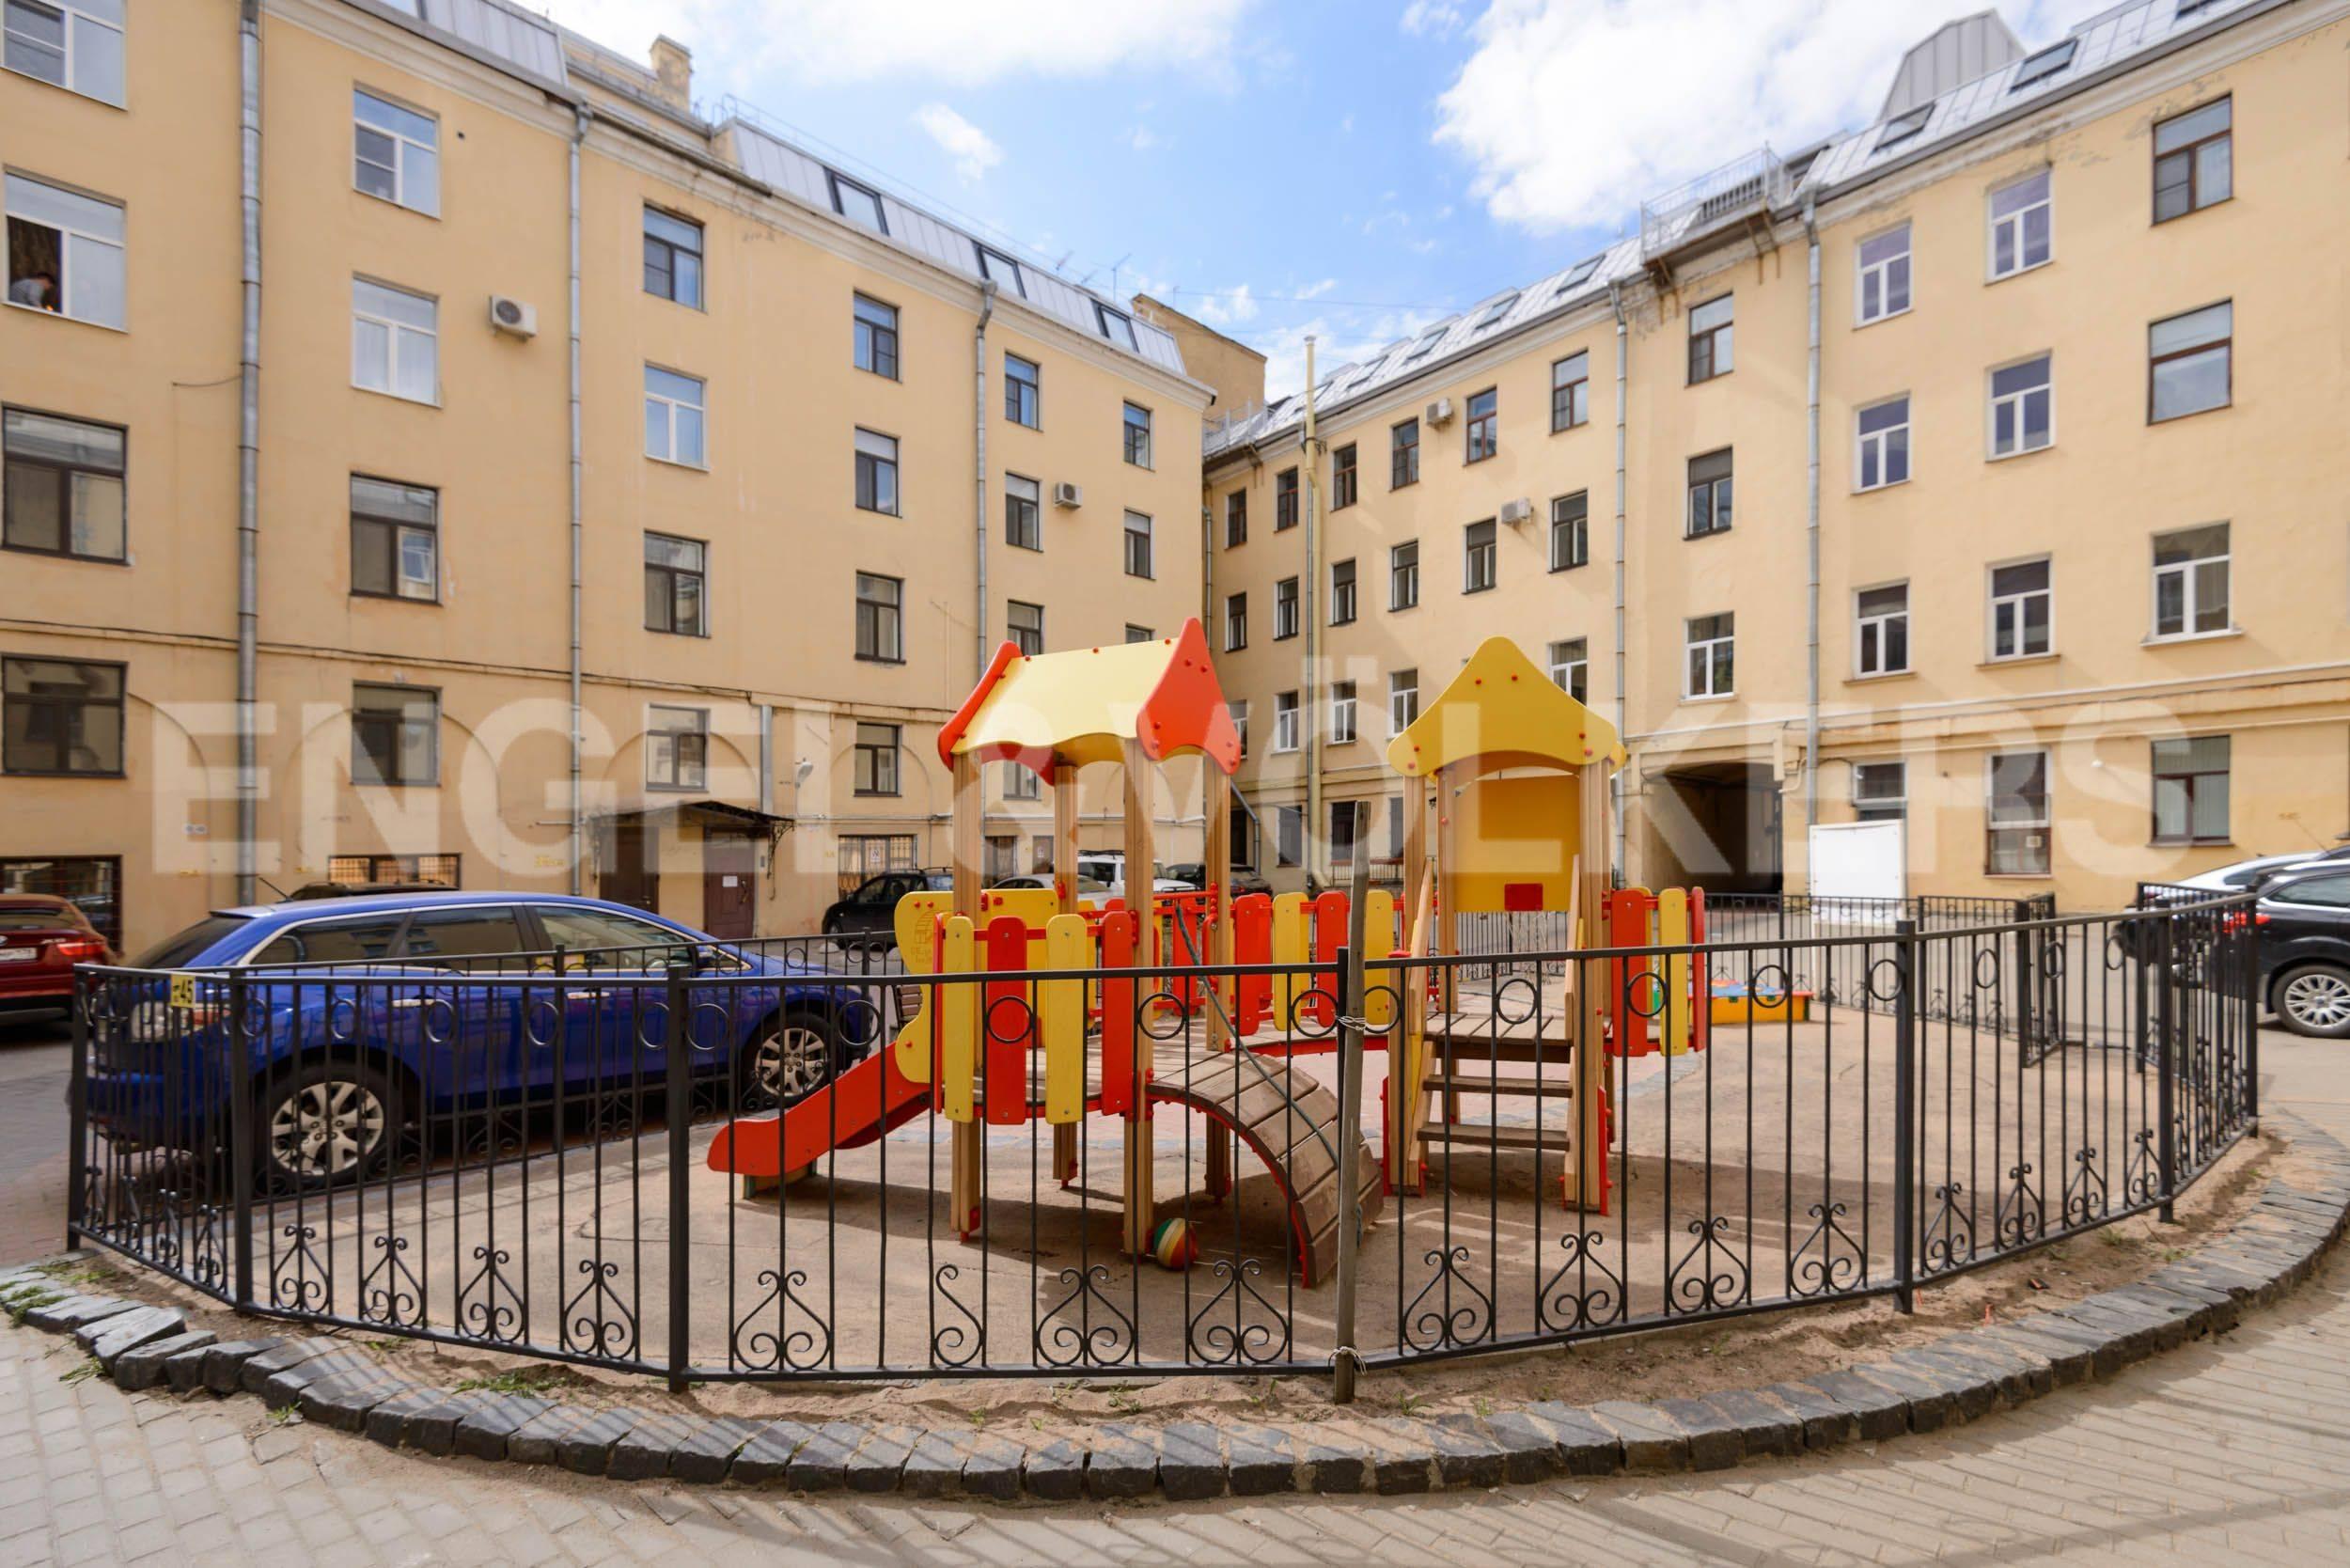 Элитные квартиры в Центральный р-н. Санкт-Петербург, Марсово поле, 3. Охраняемый двор с фиксированной парковкой